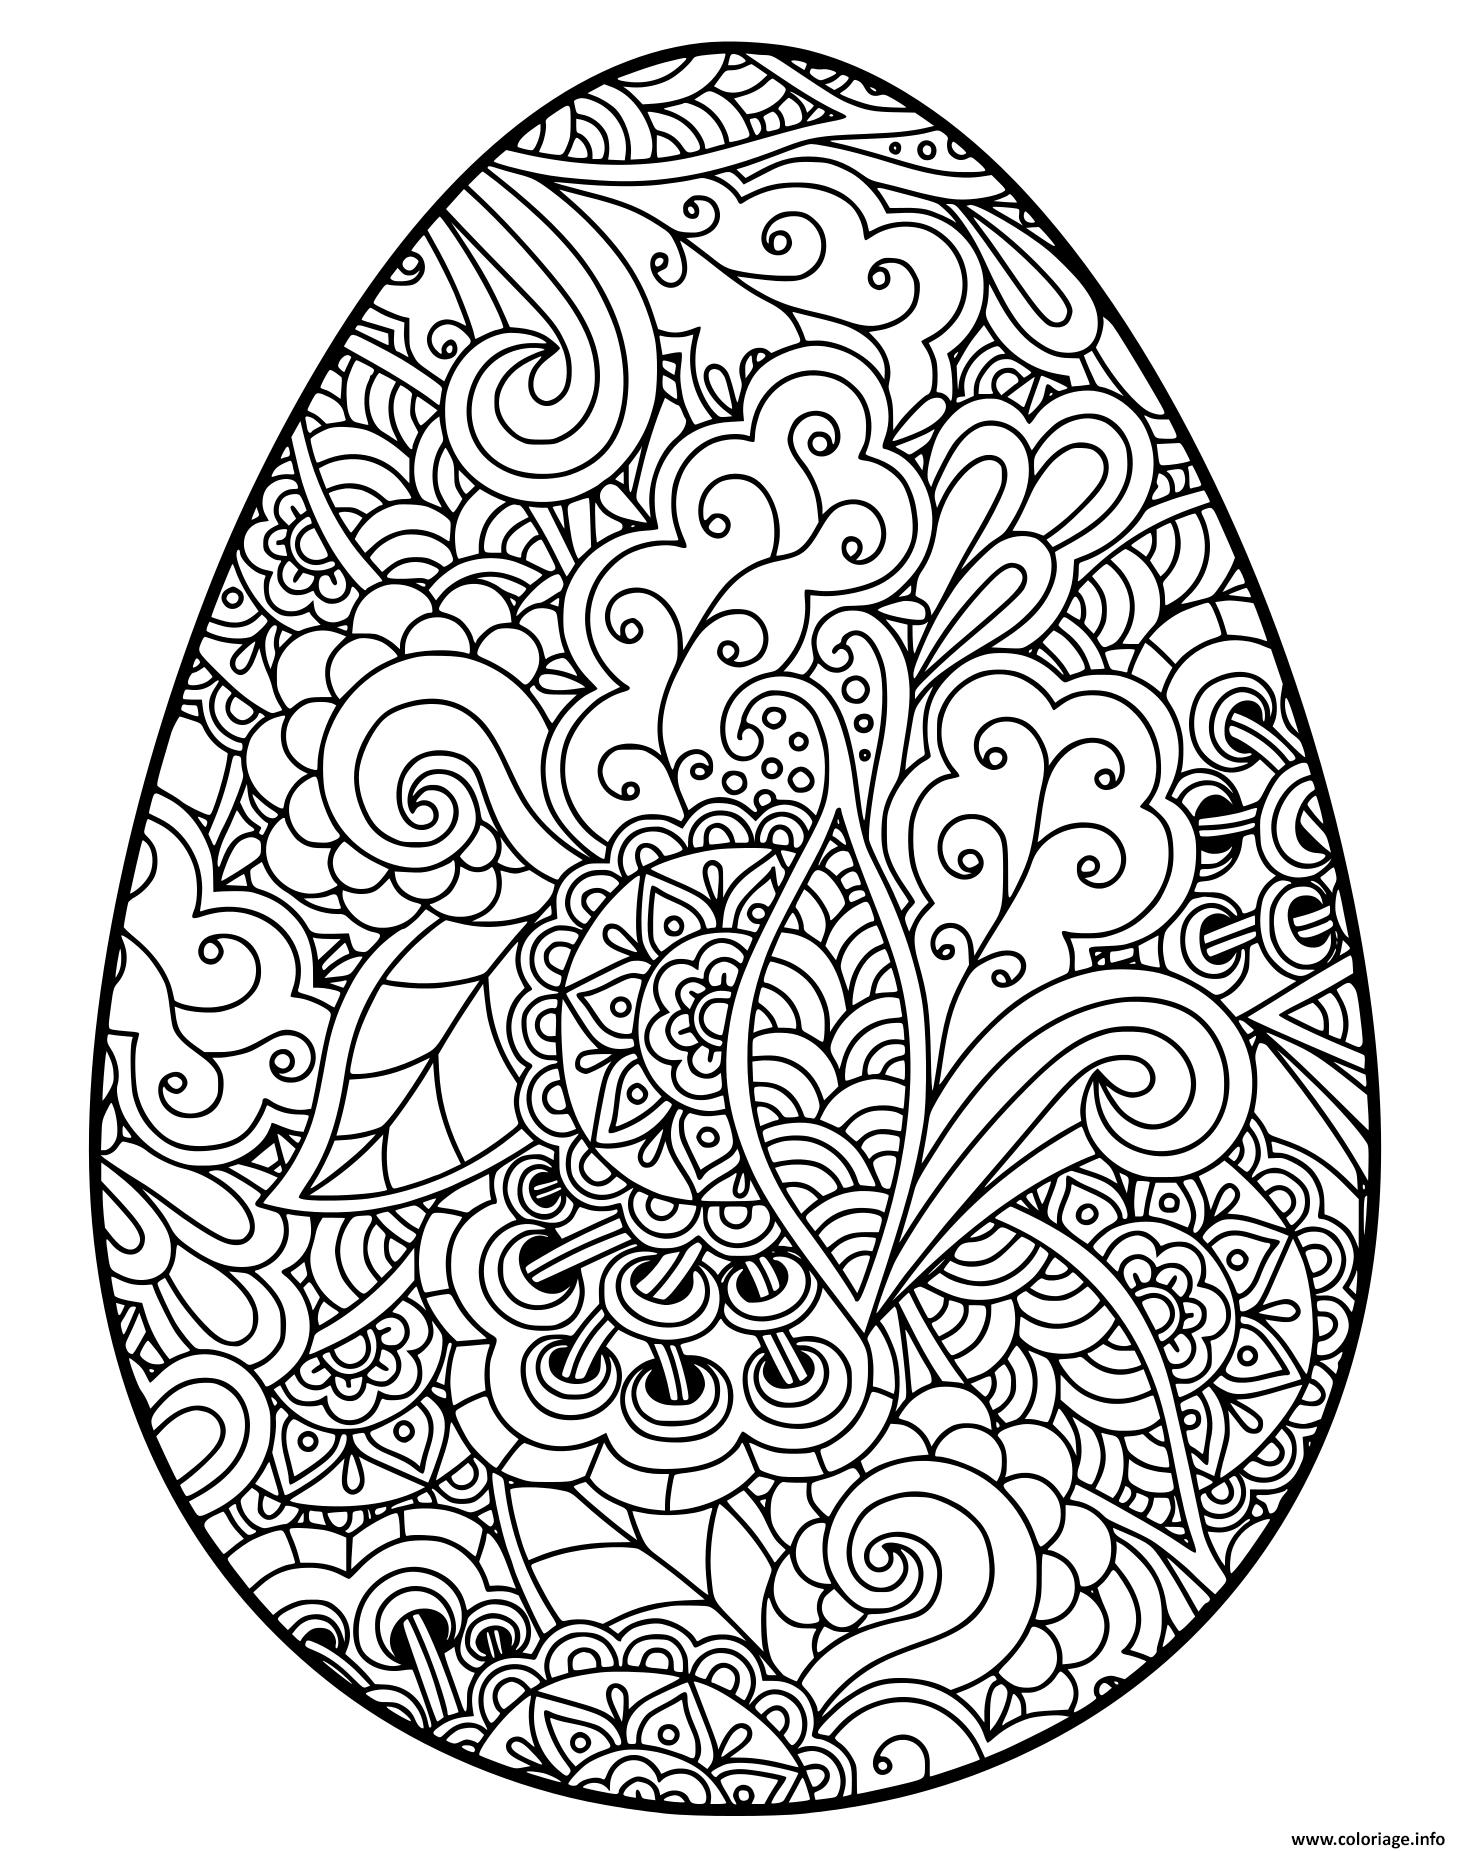 Dessin easter egg oeuf paque adulte Coloriage Gratuit à Imprimer